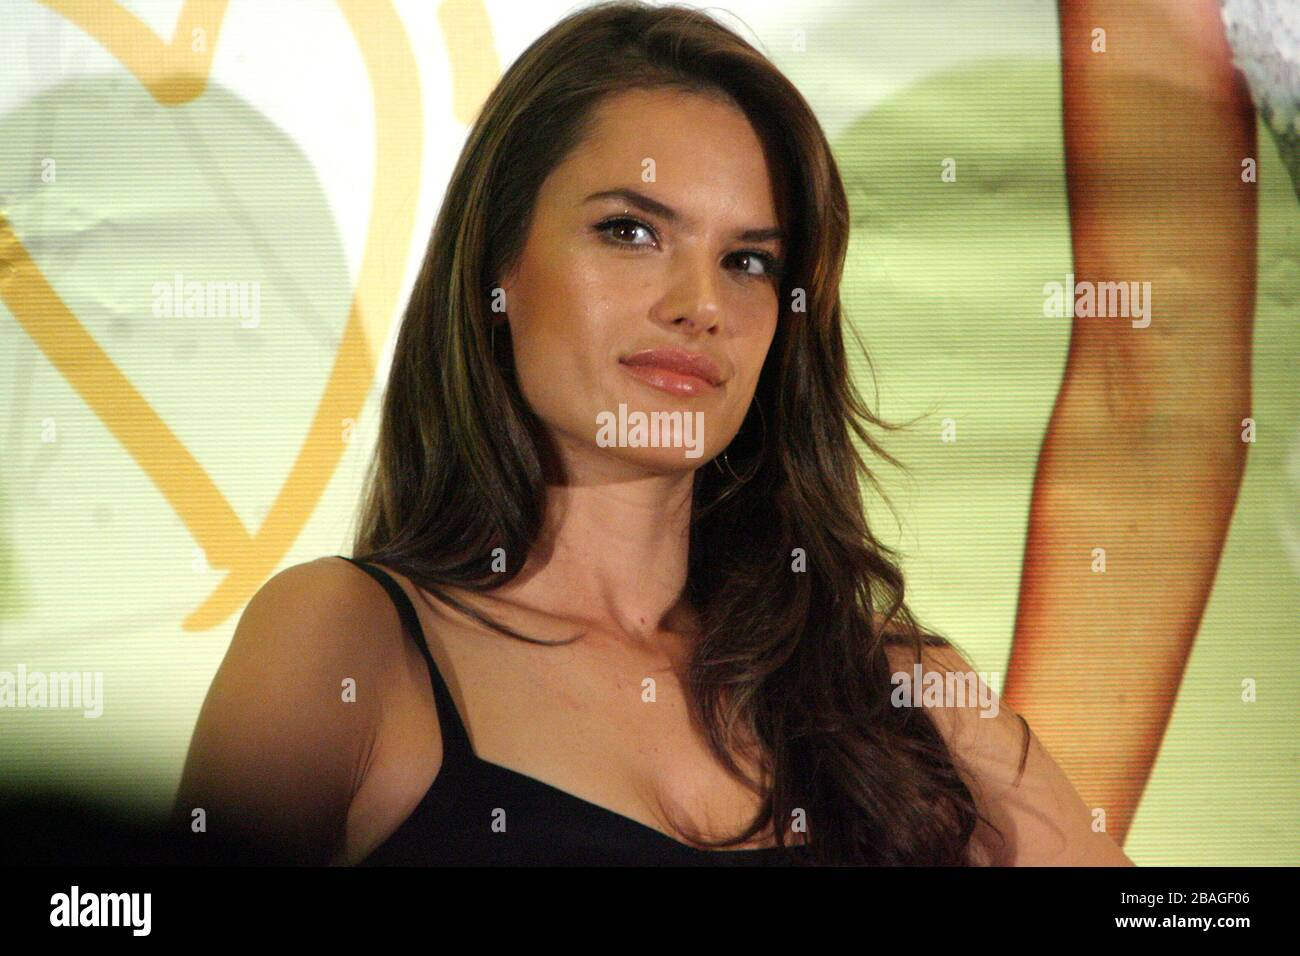 México, D.F.- 05DIC2013 - Four Seasons HotelLa modelo brasileña de Victoria's Secret; Alessandra Ambrosio visita México, para ser imagen de la campaña Stock Photo